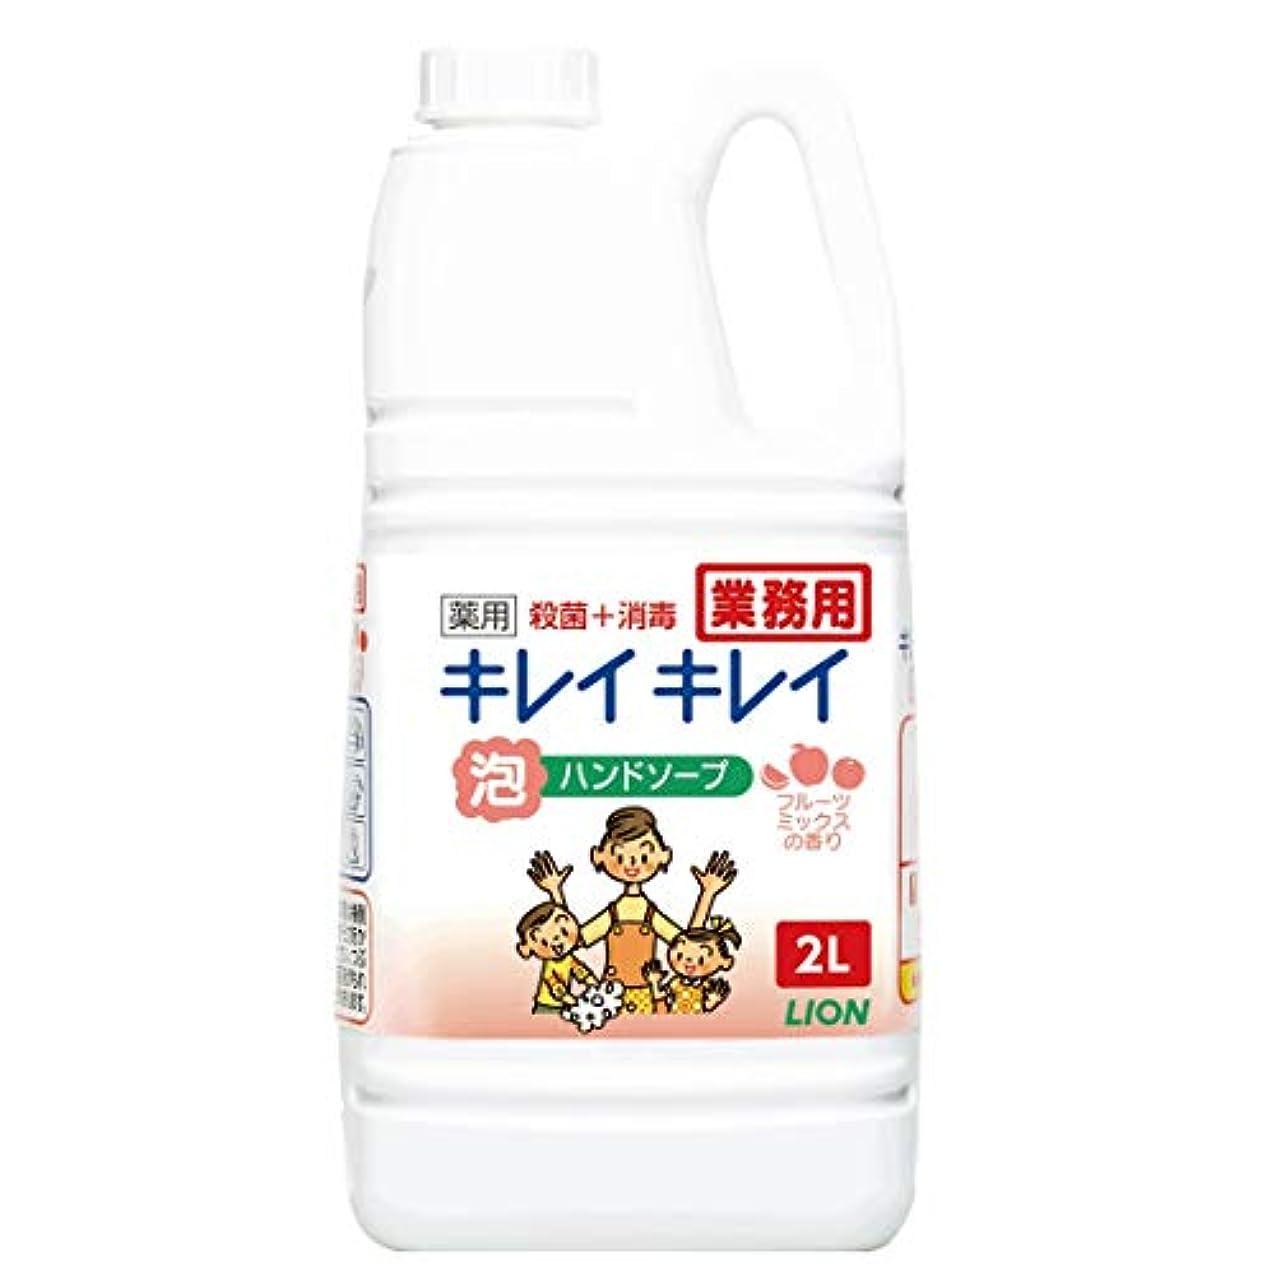 上院議員それぞれ地理【大容量】キレイキレイ 薬用泡ハンドソープ フルーツミックスの香り 2L